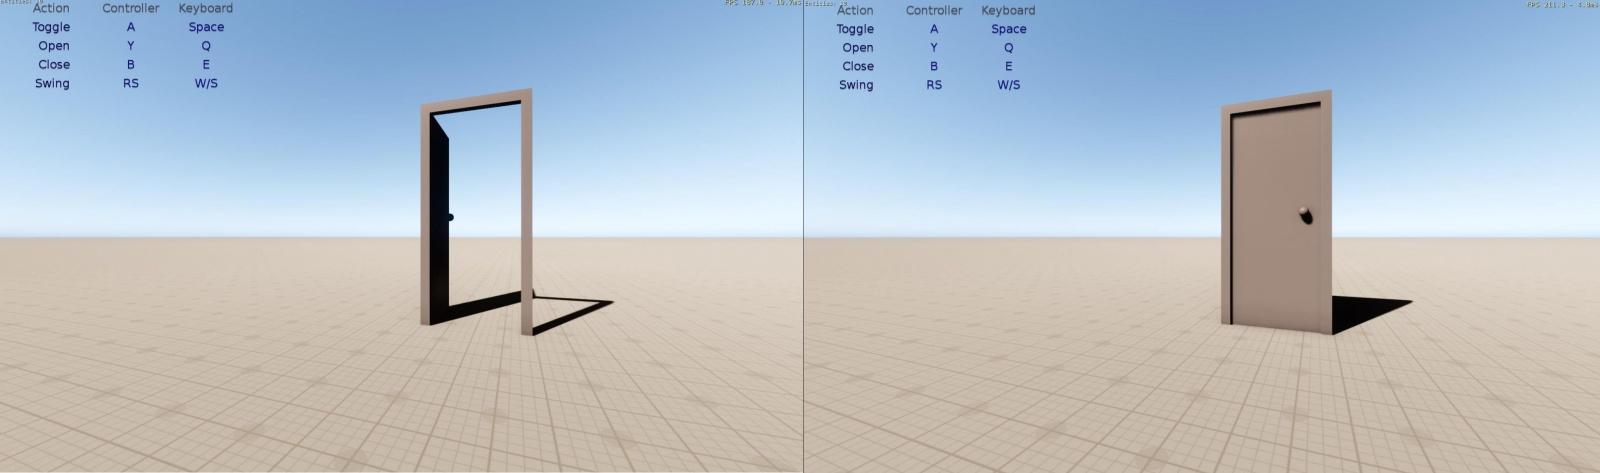 Тестирование игрового движка Amazon Lumberyard. Подходы и инструменты - 24